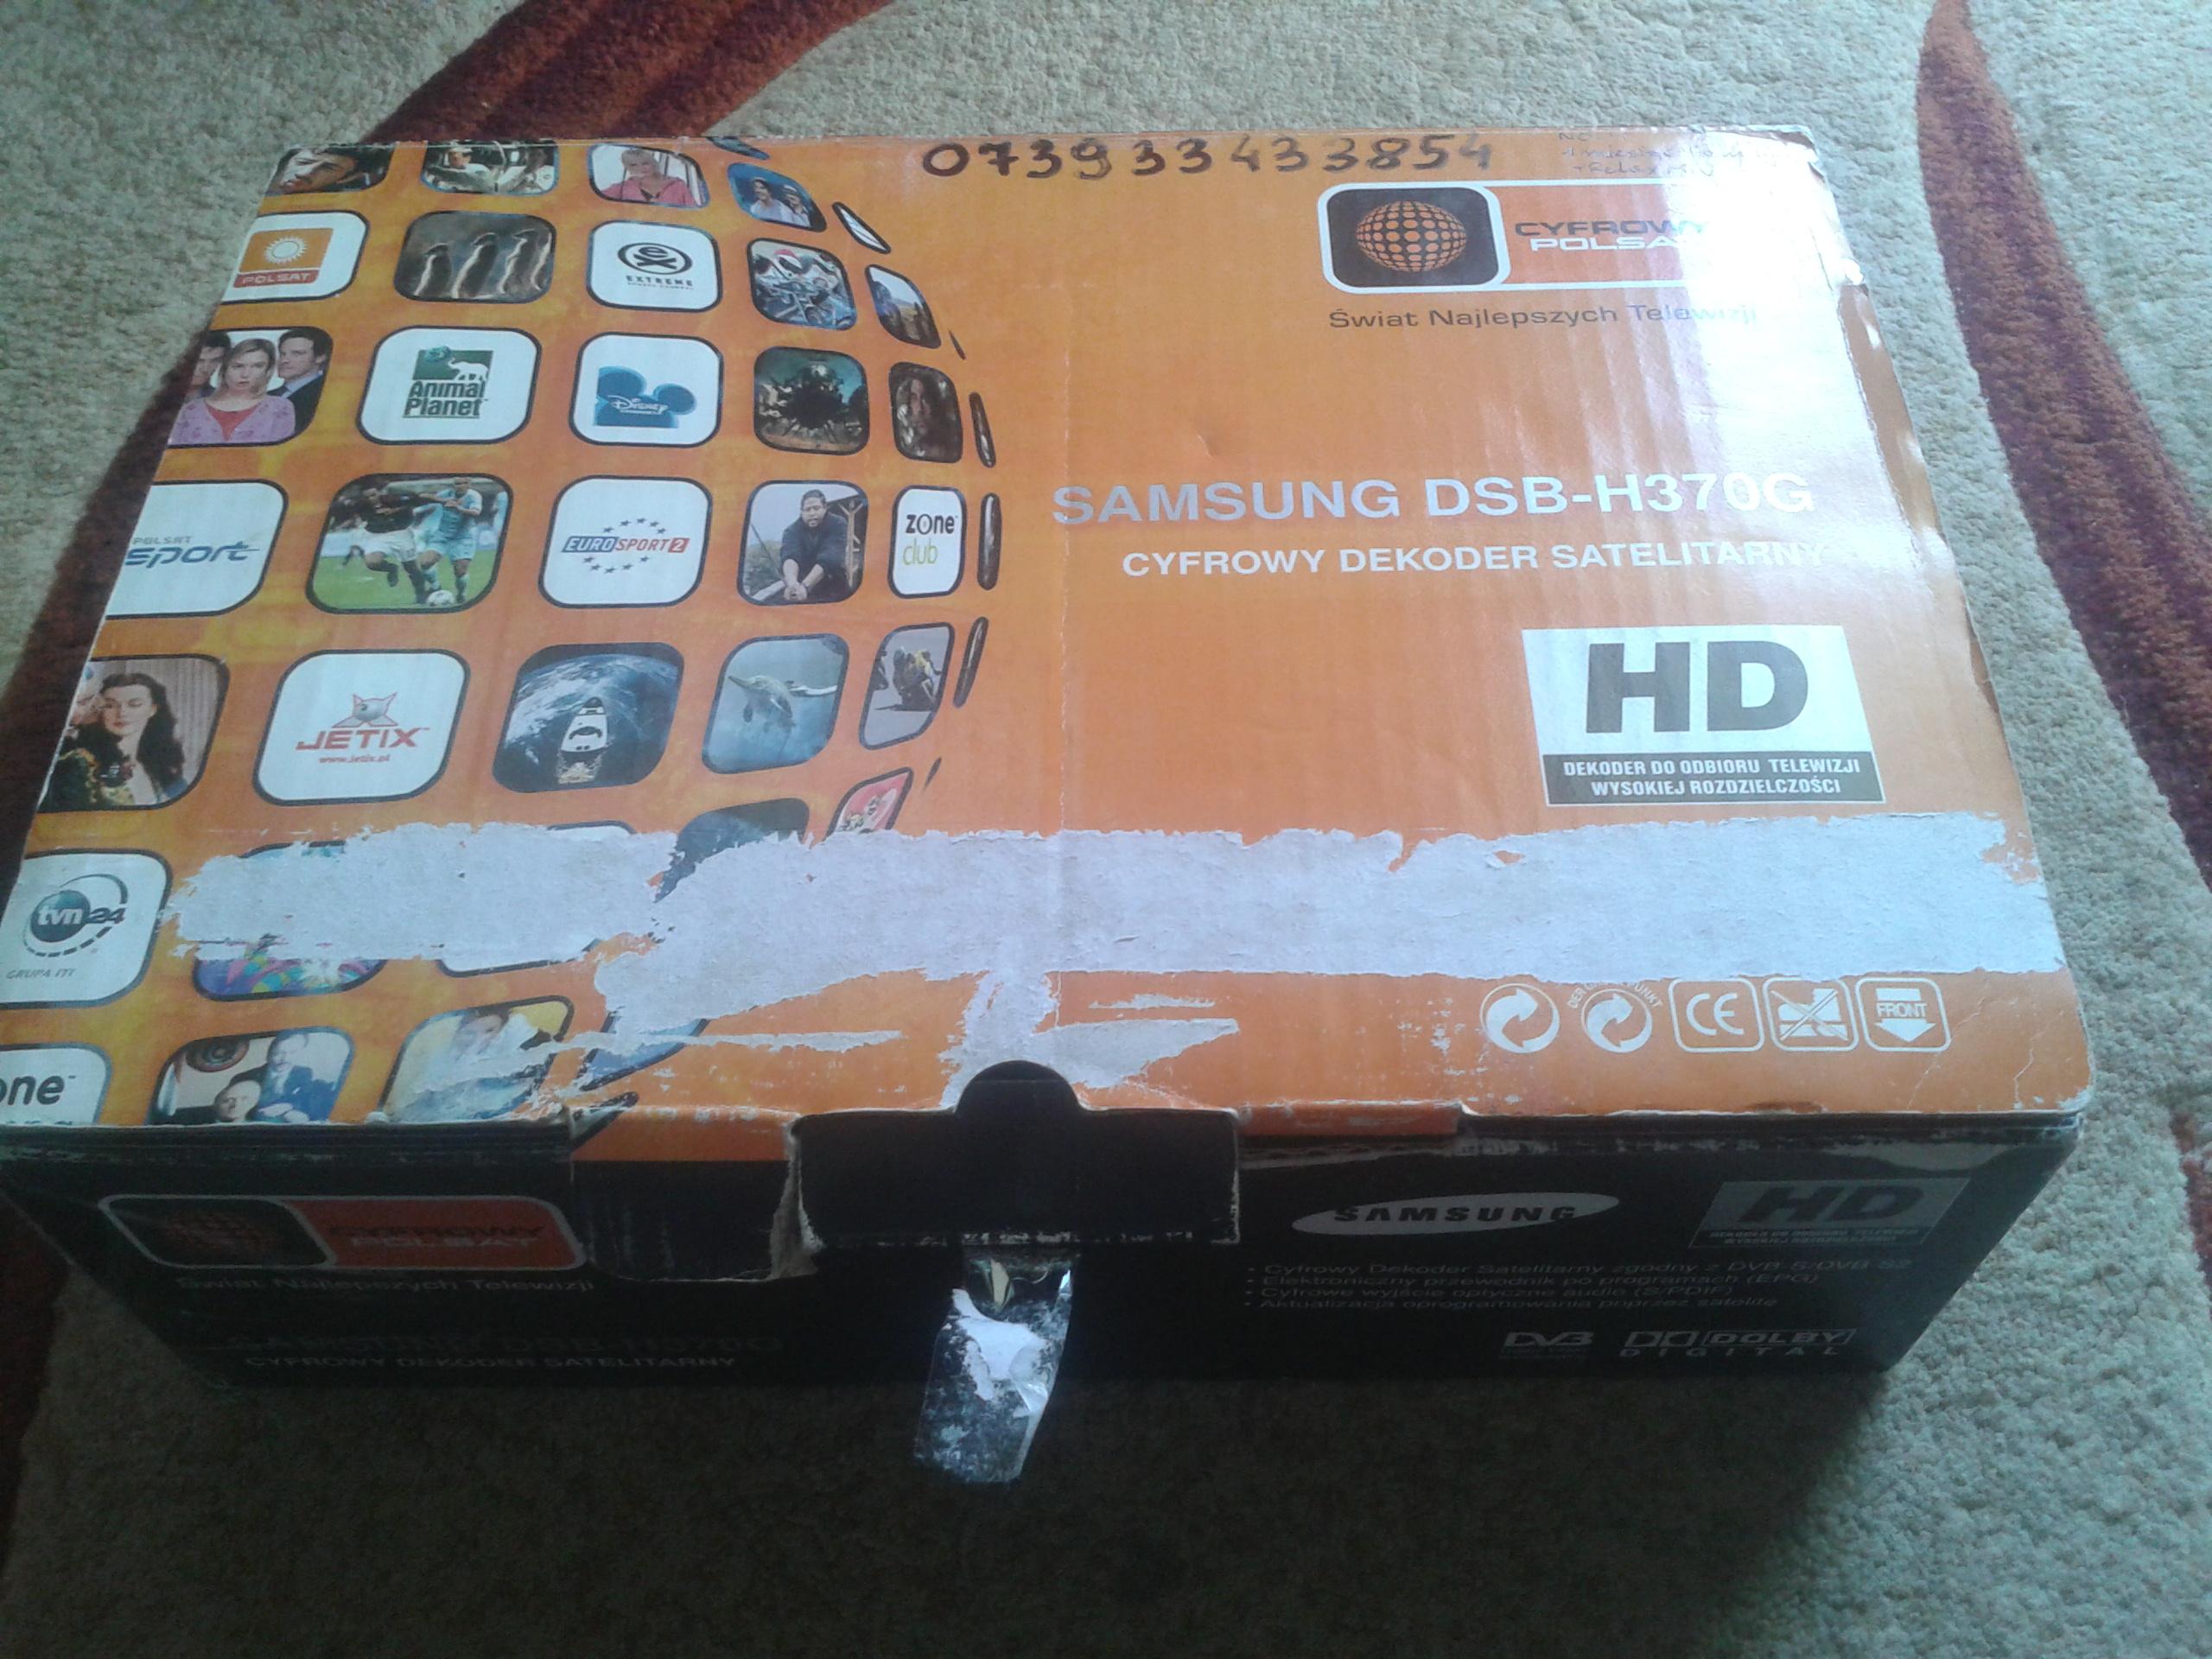 [Sprzedam] Dekoder Samsung DSB-H370G, nowy nie rejestrowany w Cyfrowym Polsacie